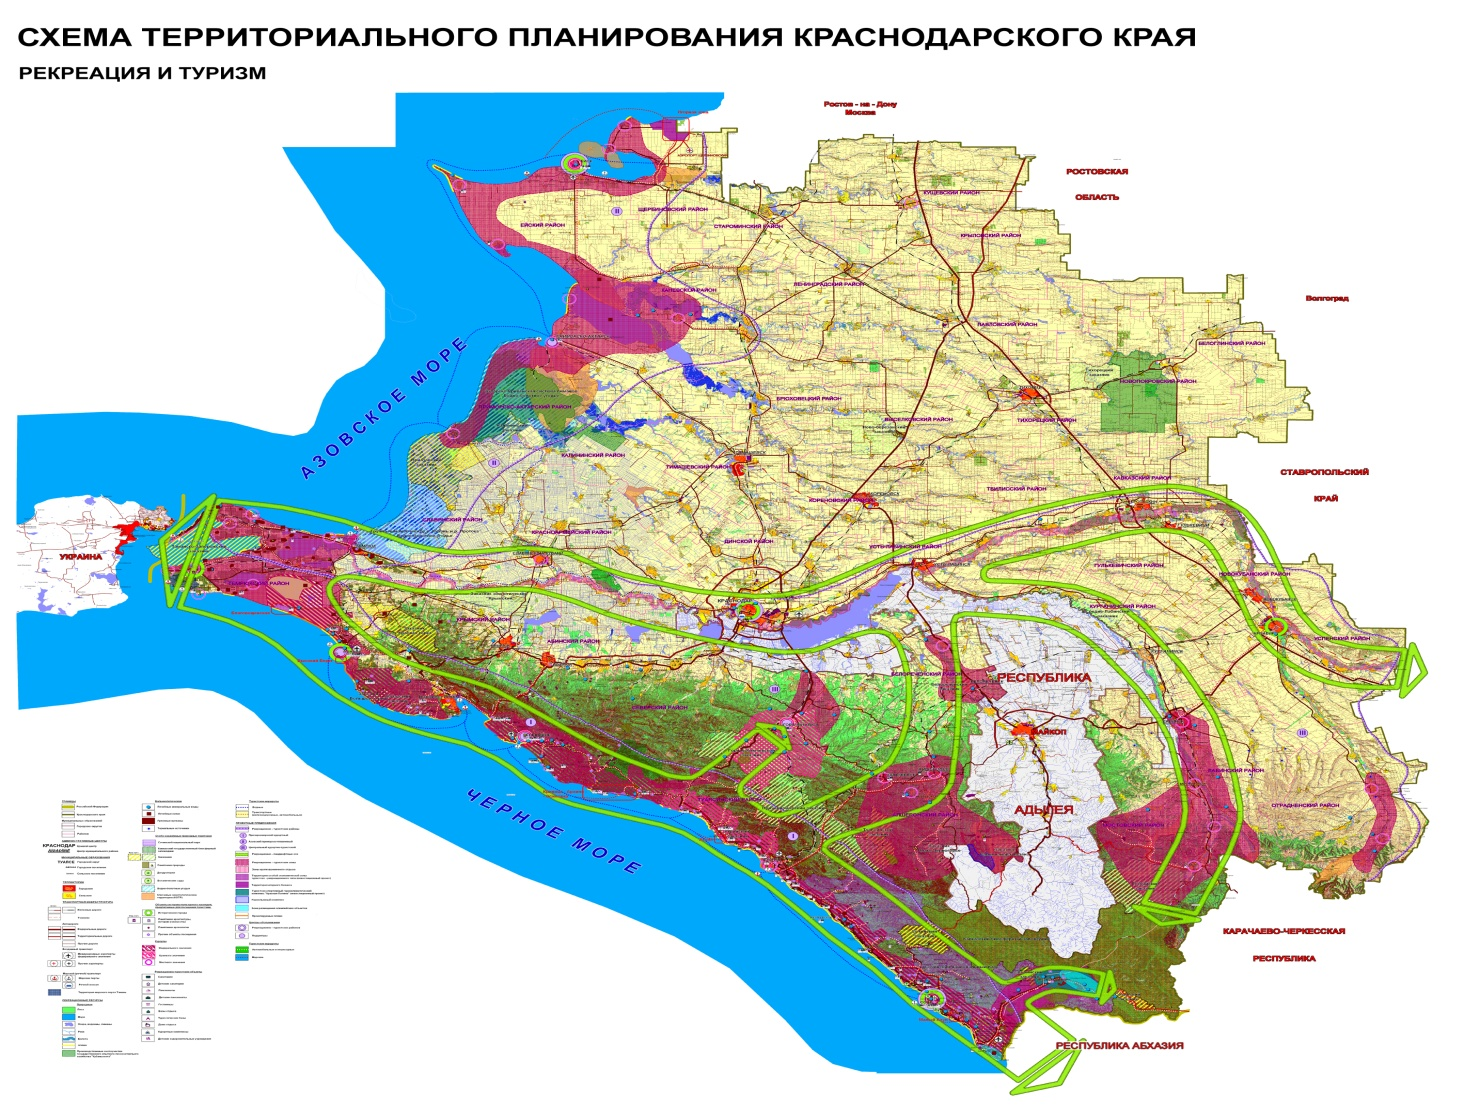 Схема территориального планирование краснодарского края